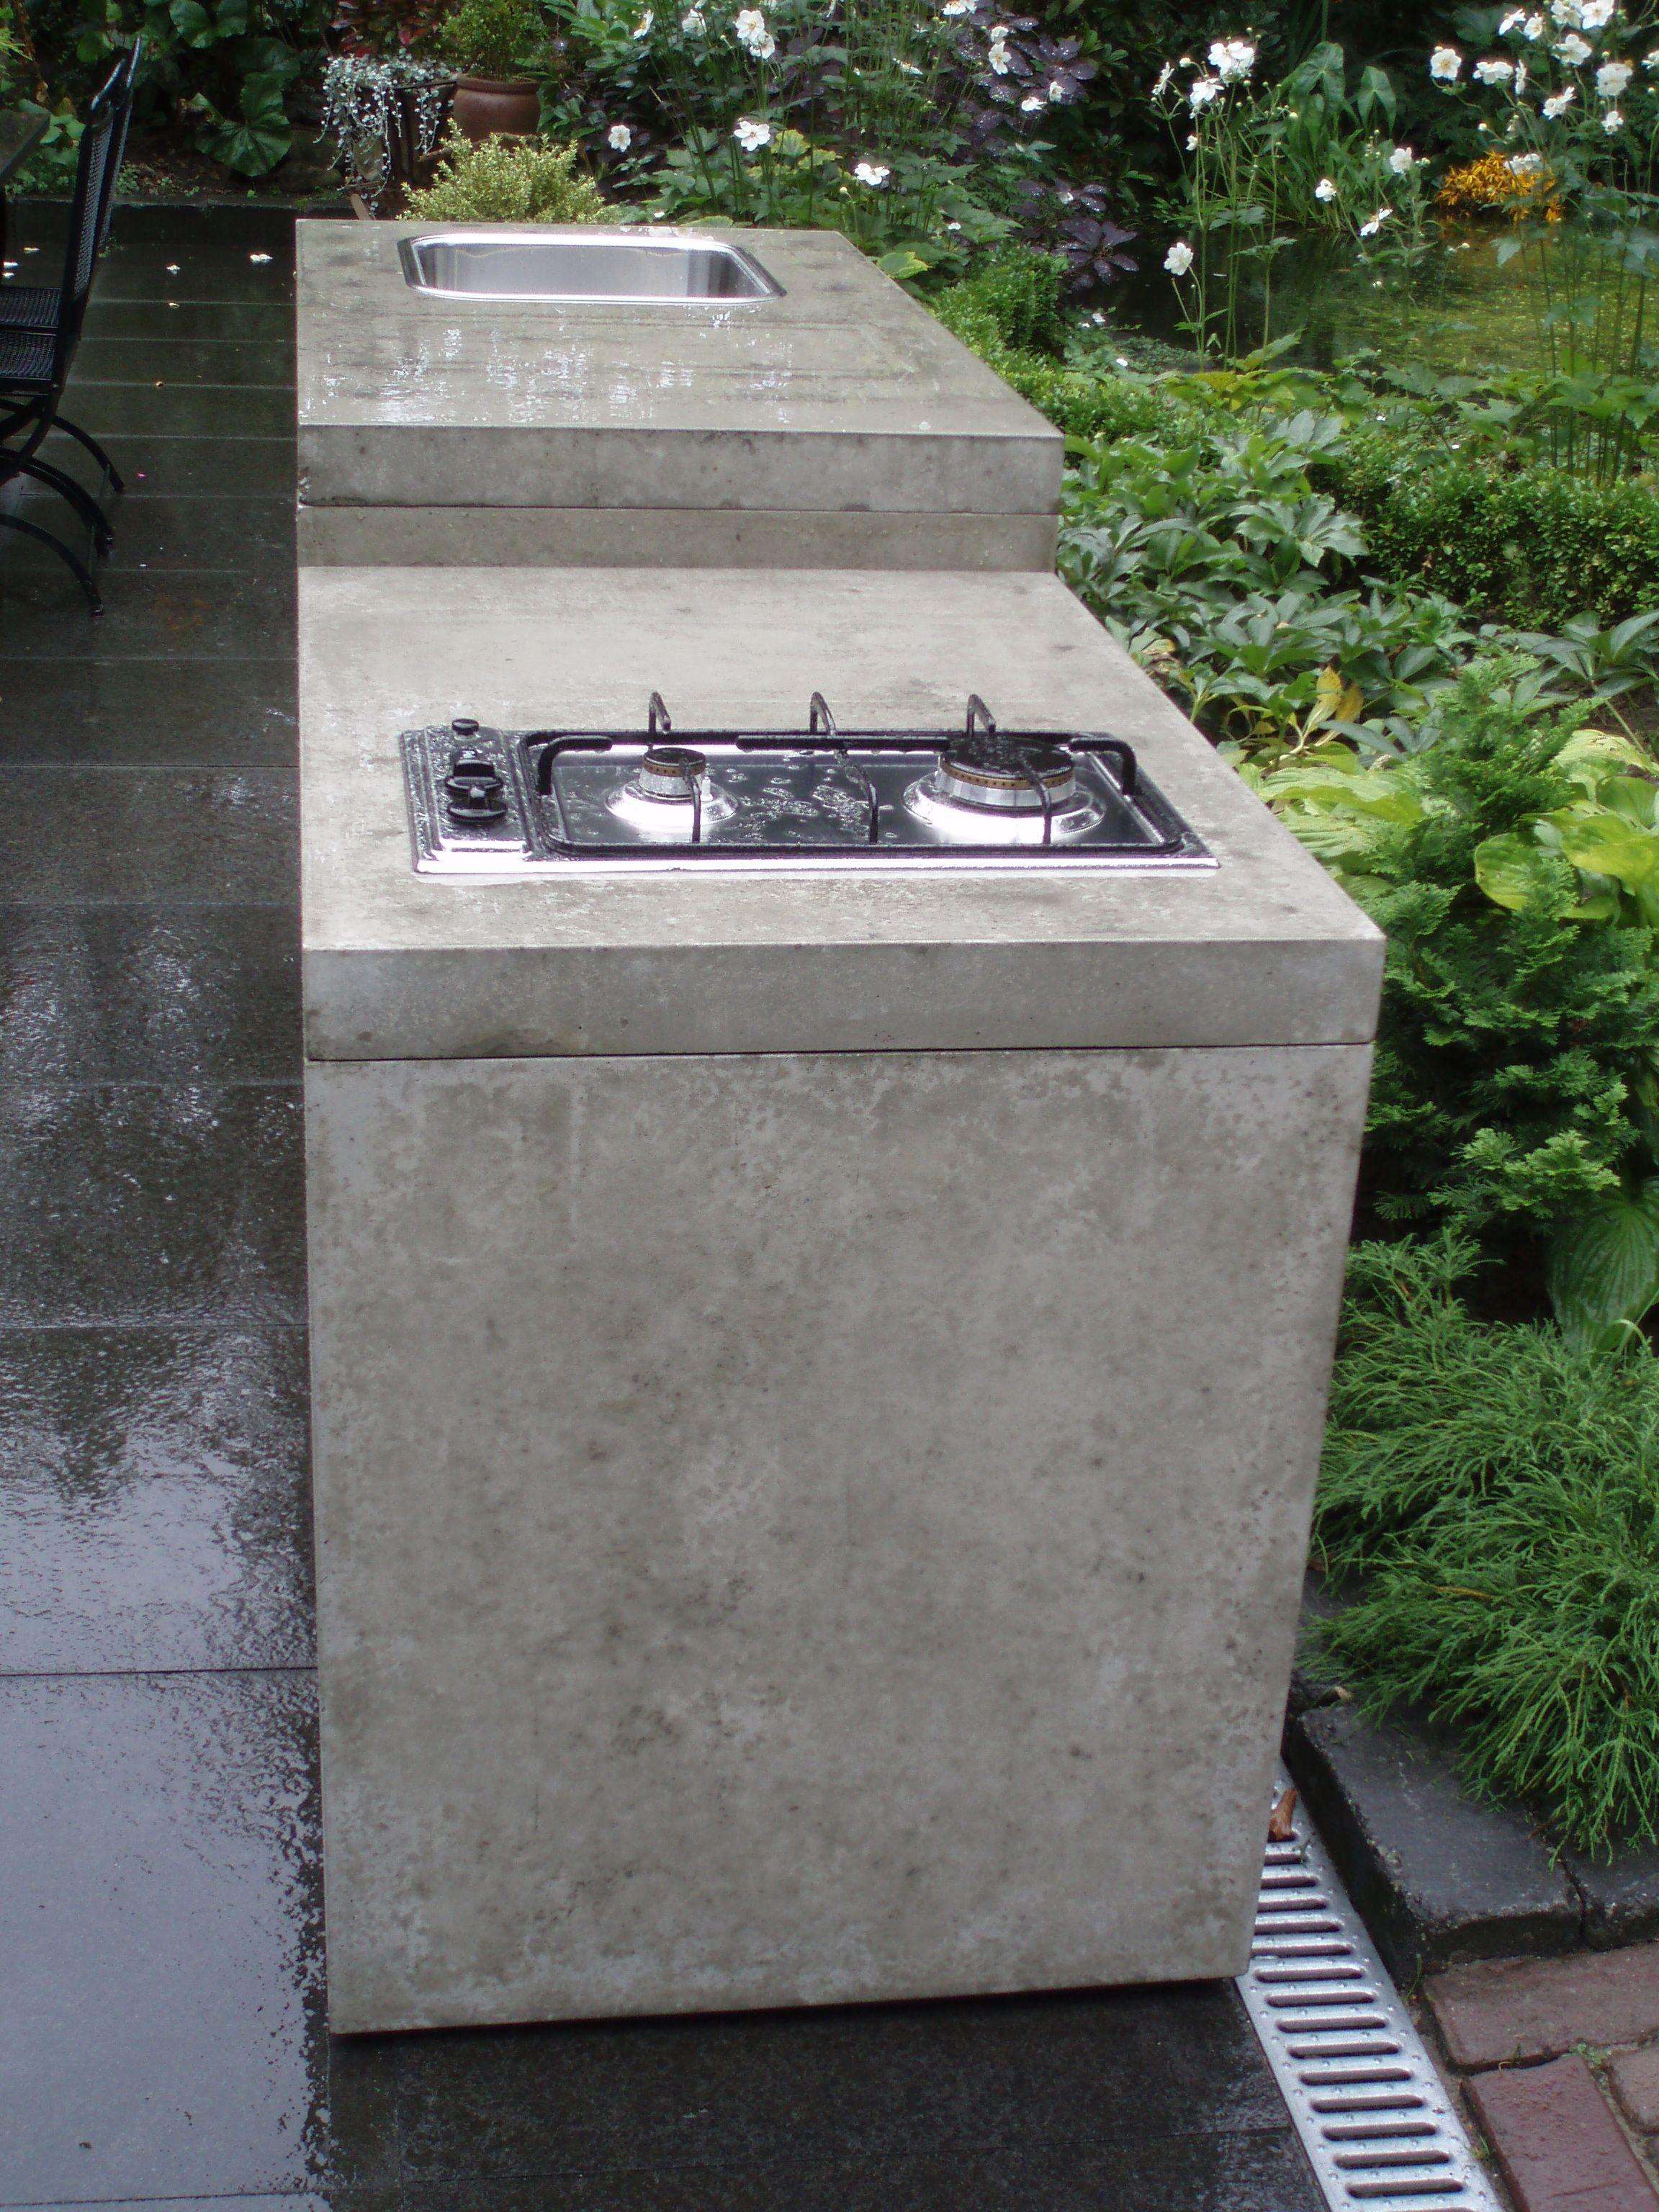 roel s outdoor kitchen concrete buitenkeuken beton. Black Bedroom Furniture Sets. Home Design Ideas